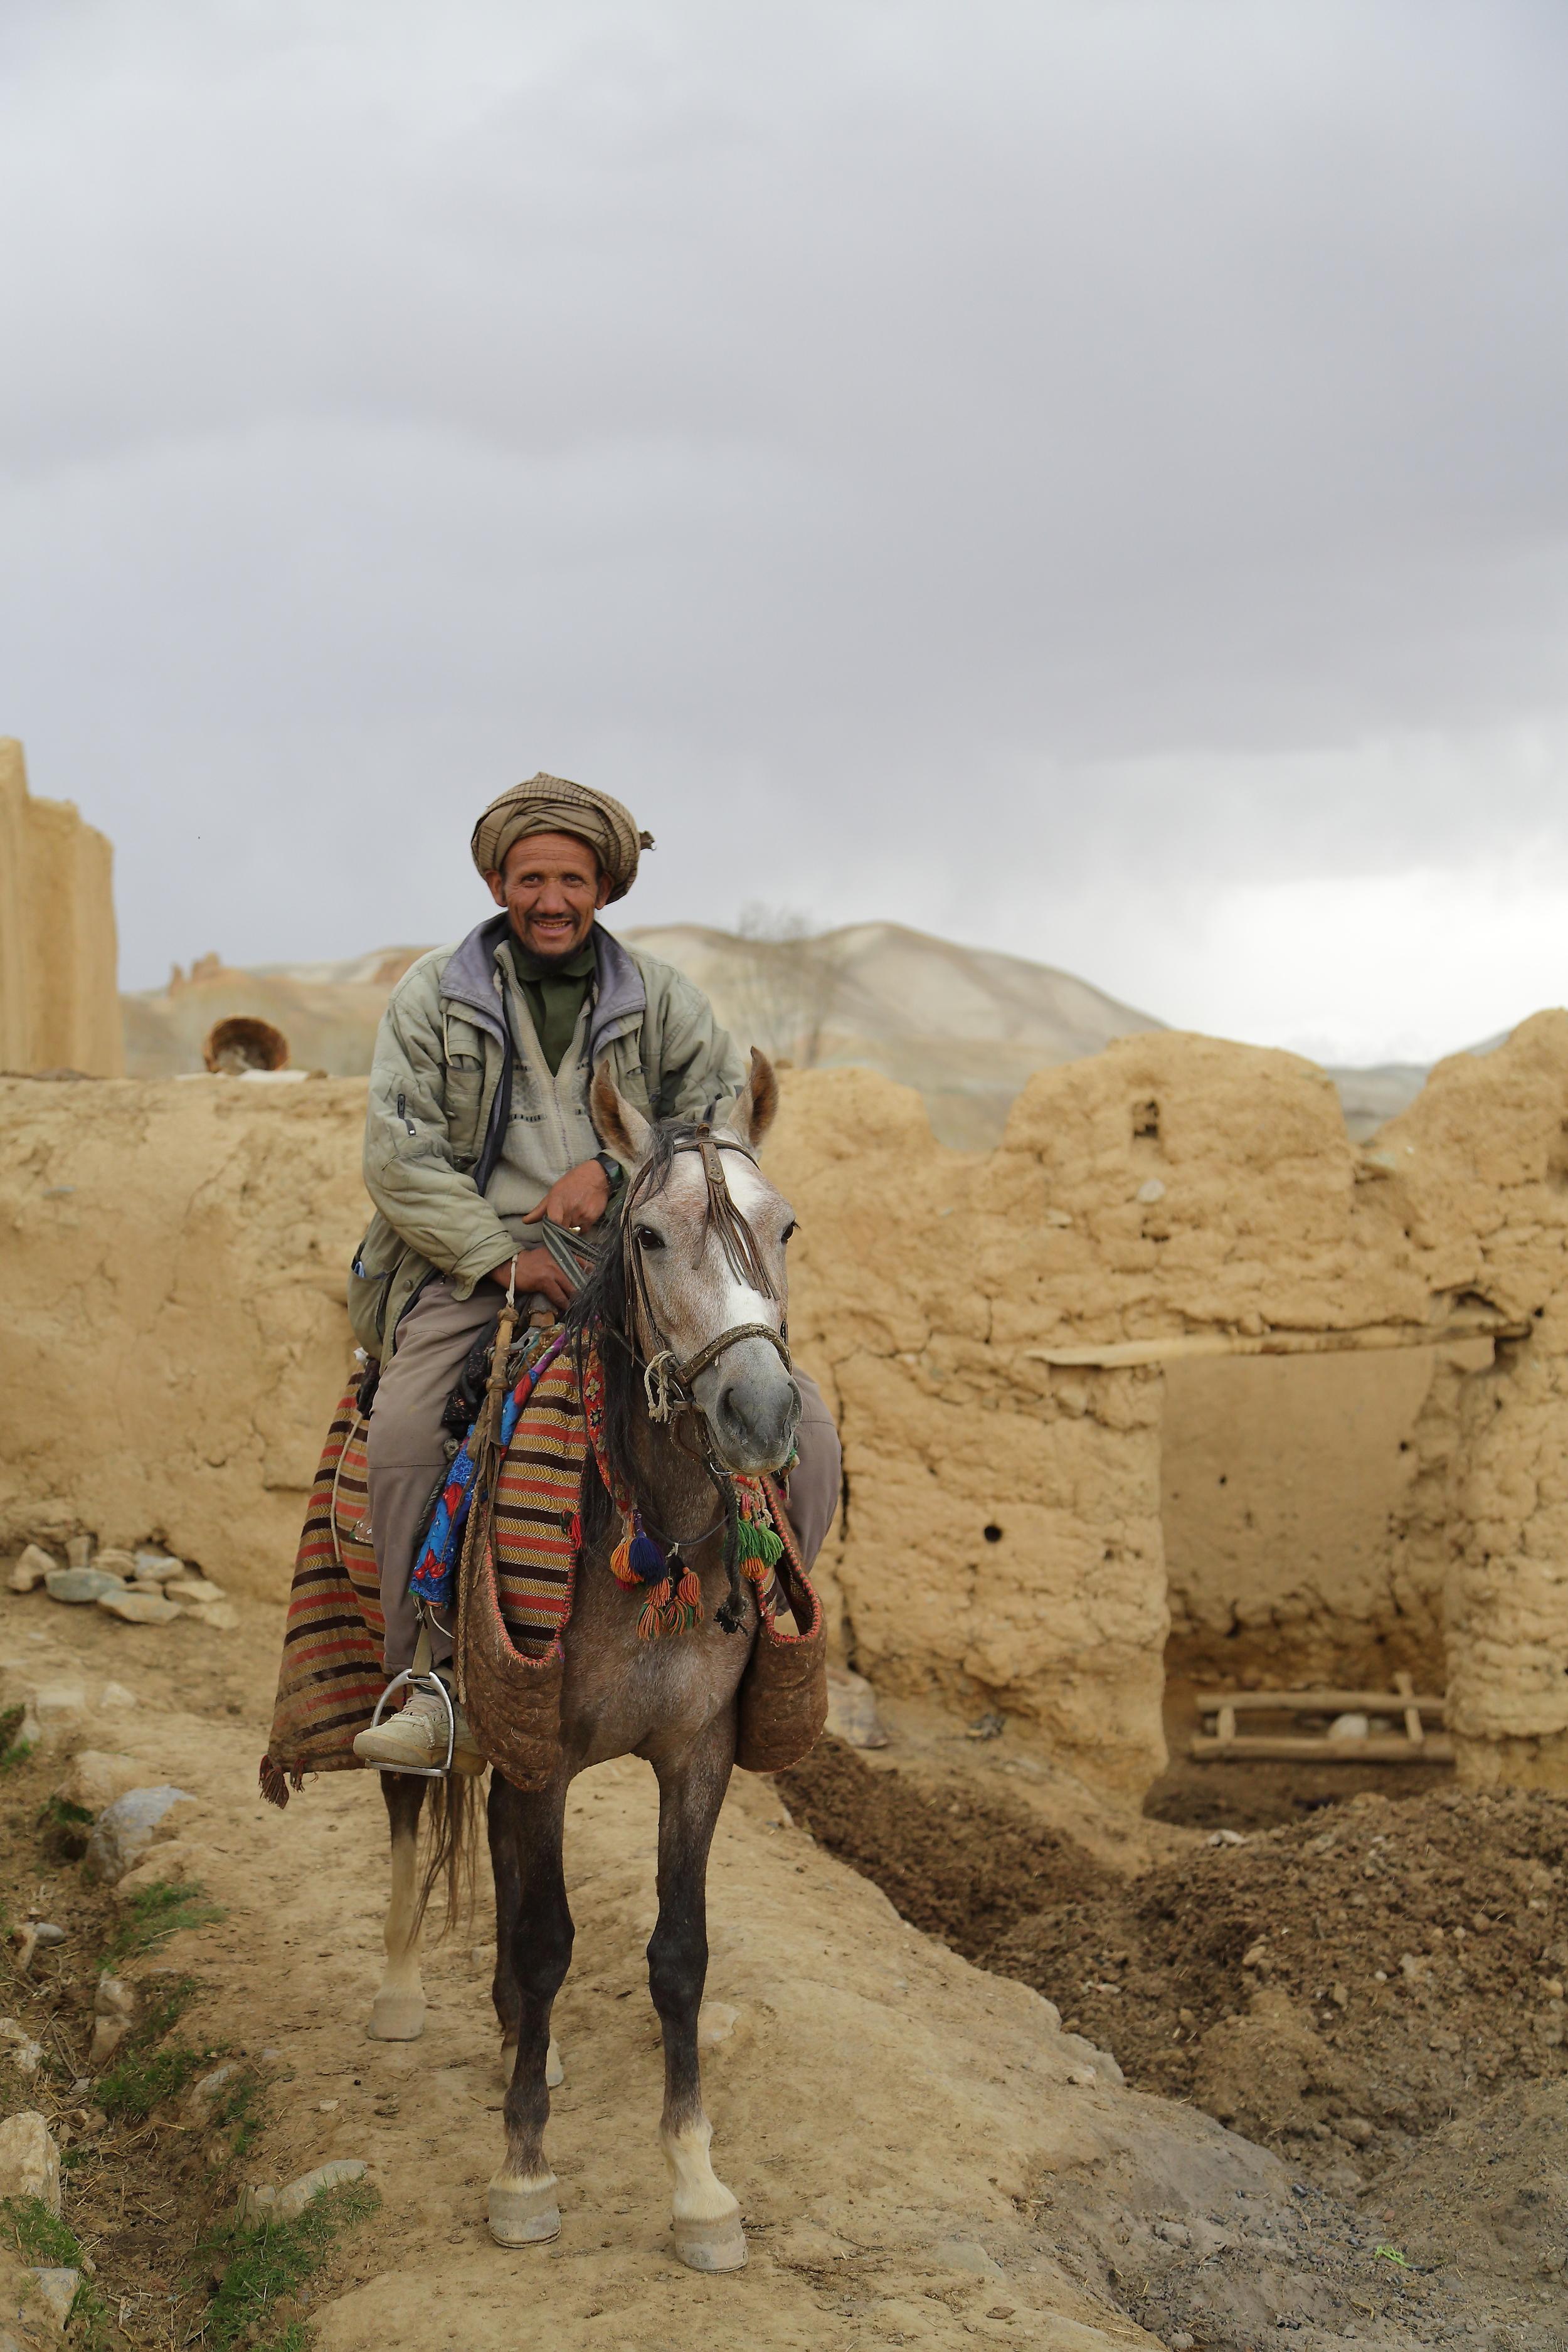 An Afghan man rides his horse through his village